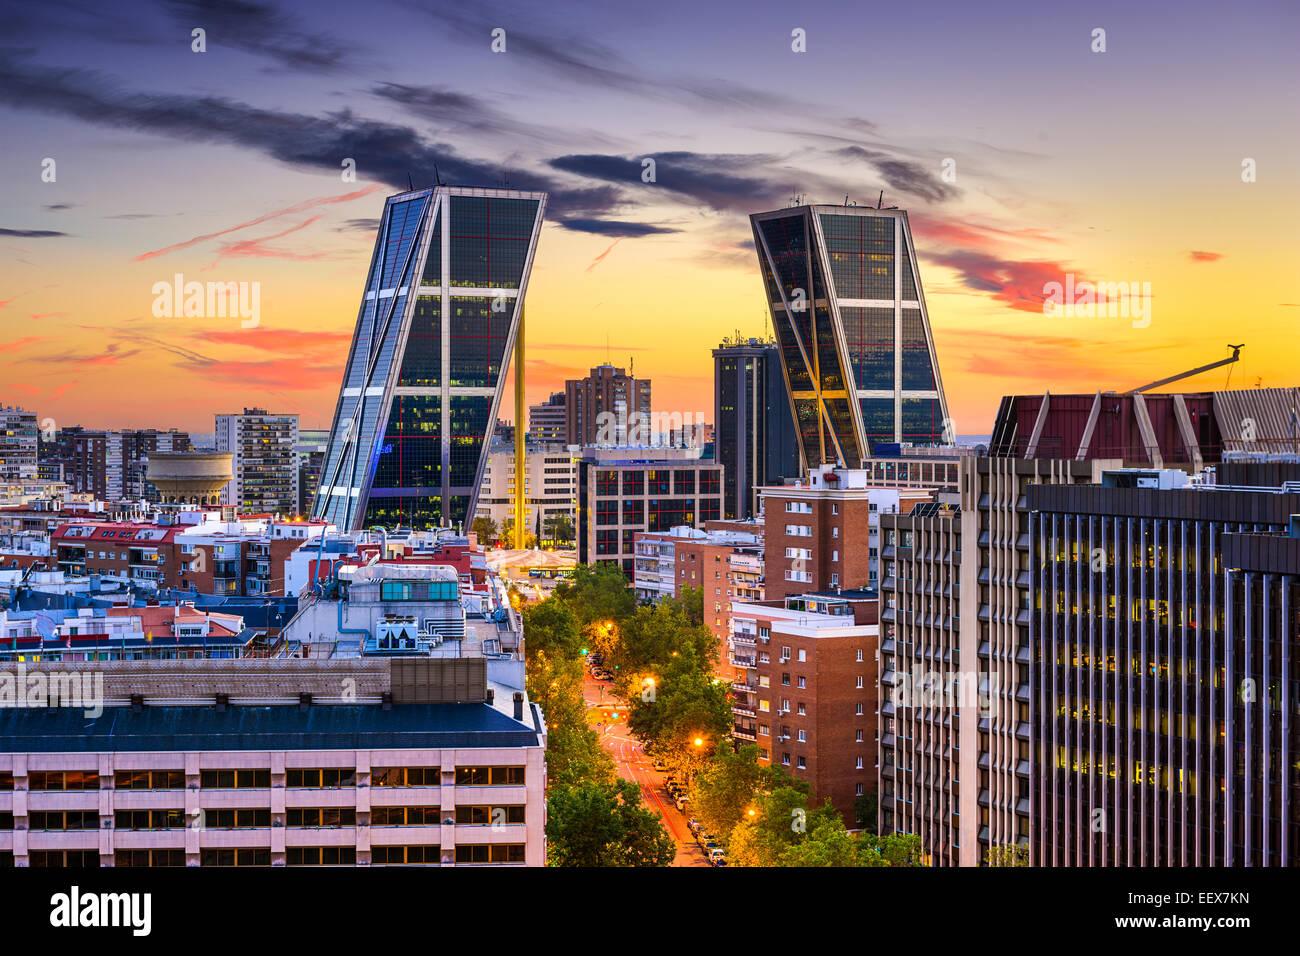 Madrid, España distrito financiero skyline en penumbra ve hacia el portón de la Plaza de Europa. Imagen De Stock